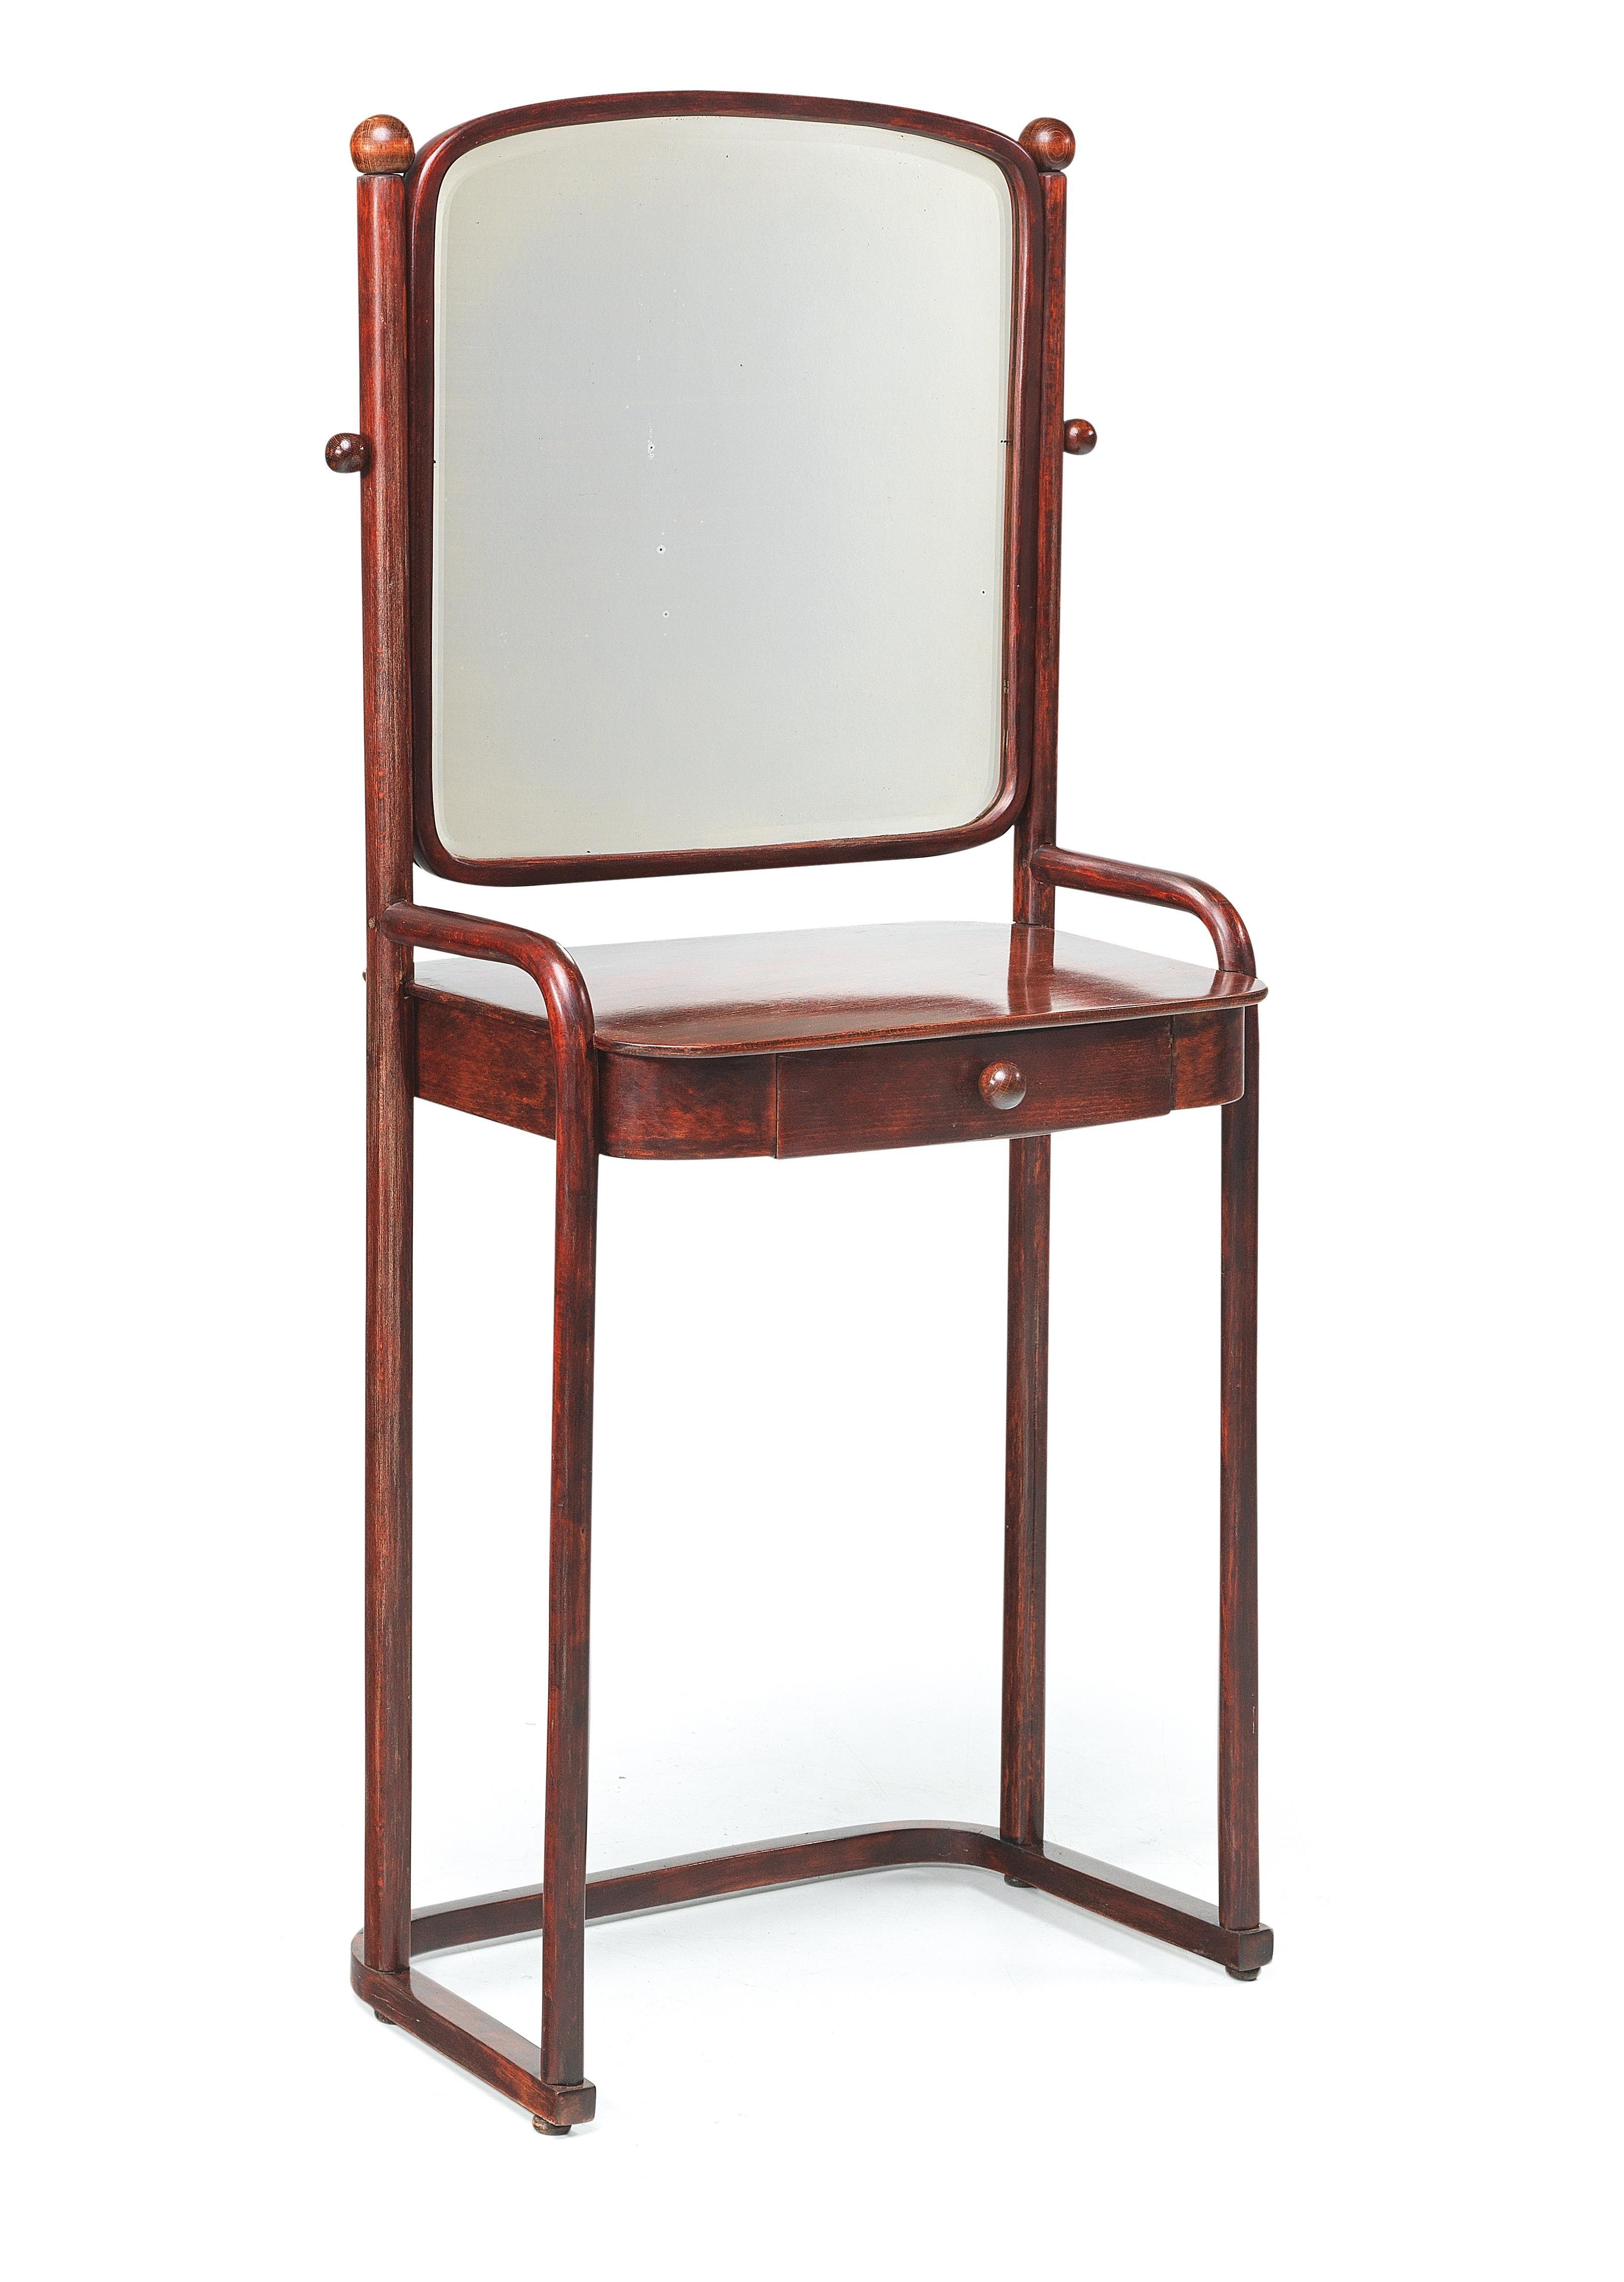 Schminktisch Mod Nr 1134 In 2020 Art Furniture Tischspiegel Mahagoni Farbe